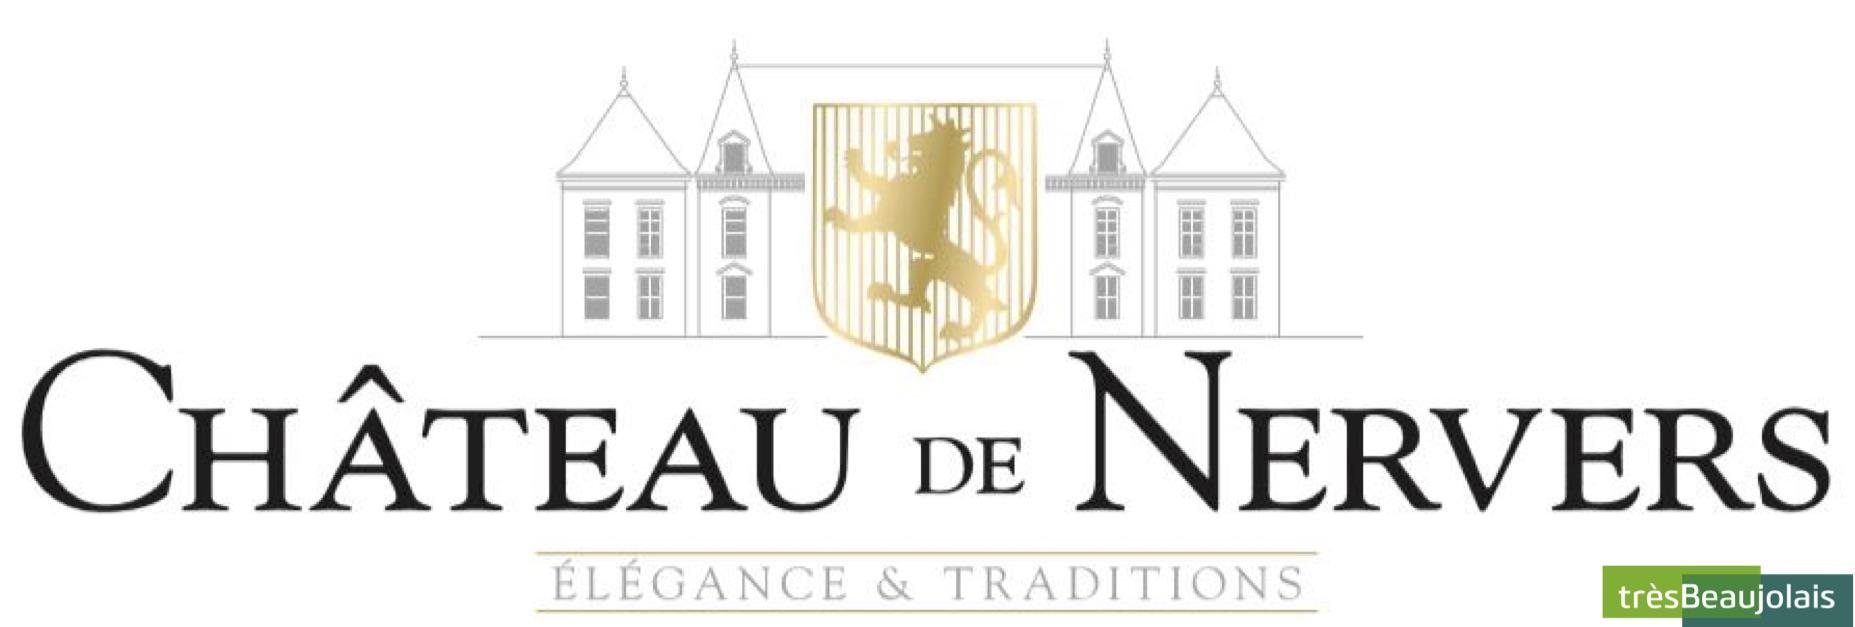 Logo Chateau de Nervers